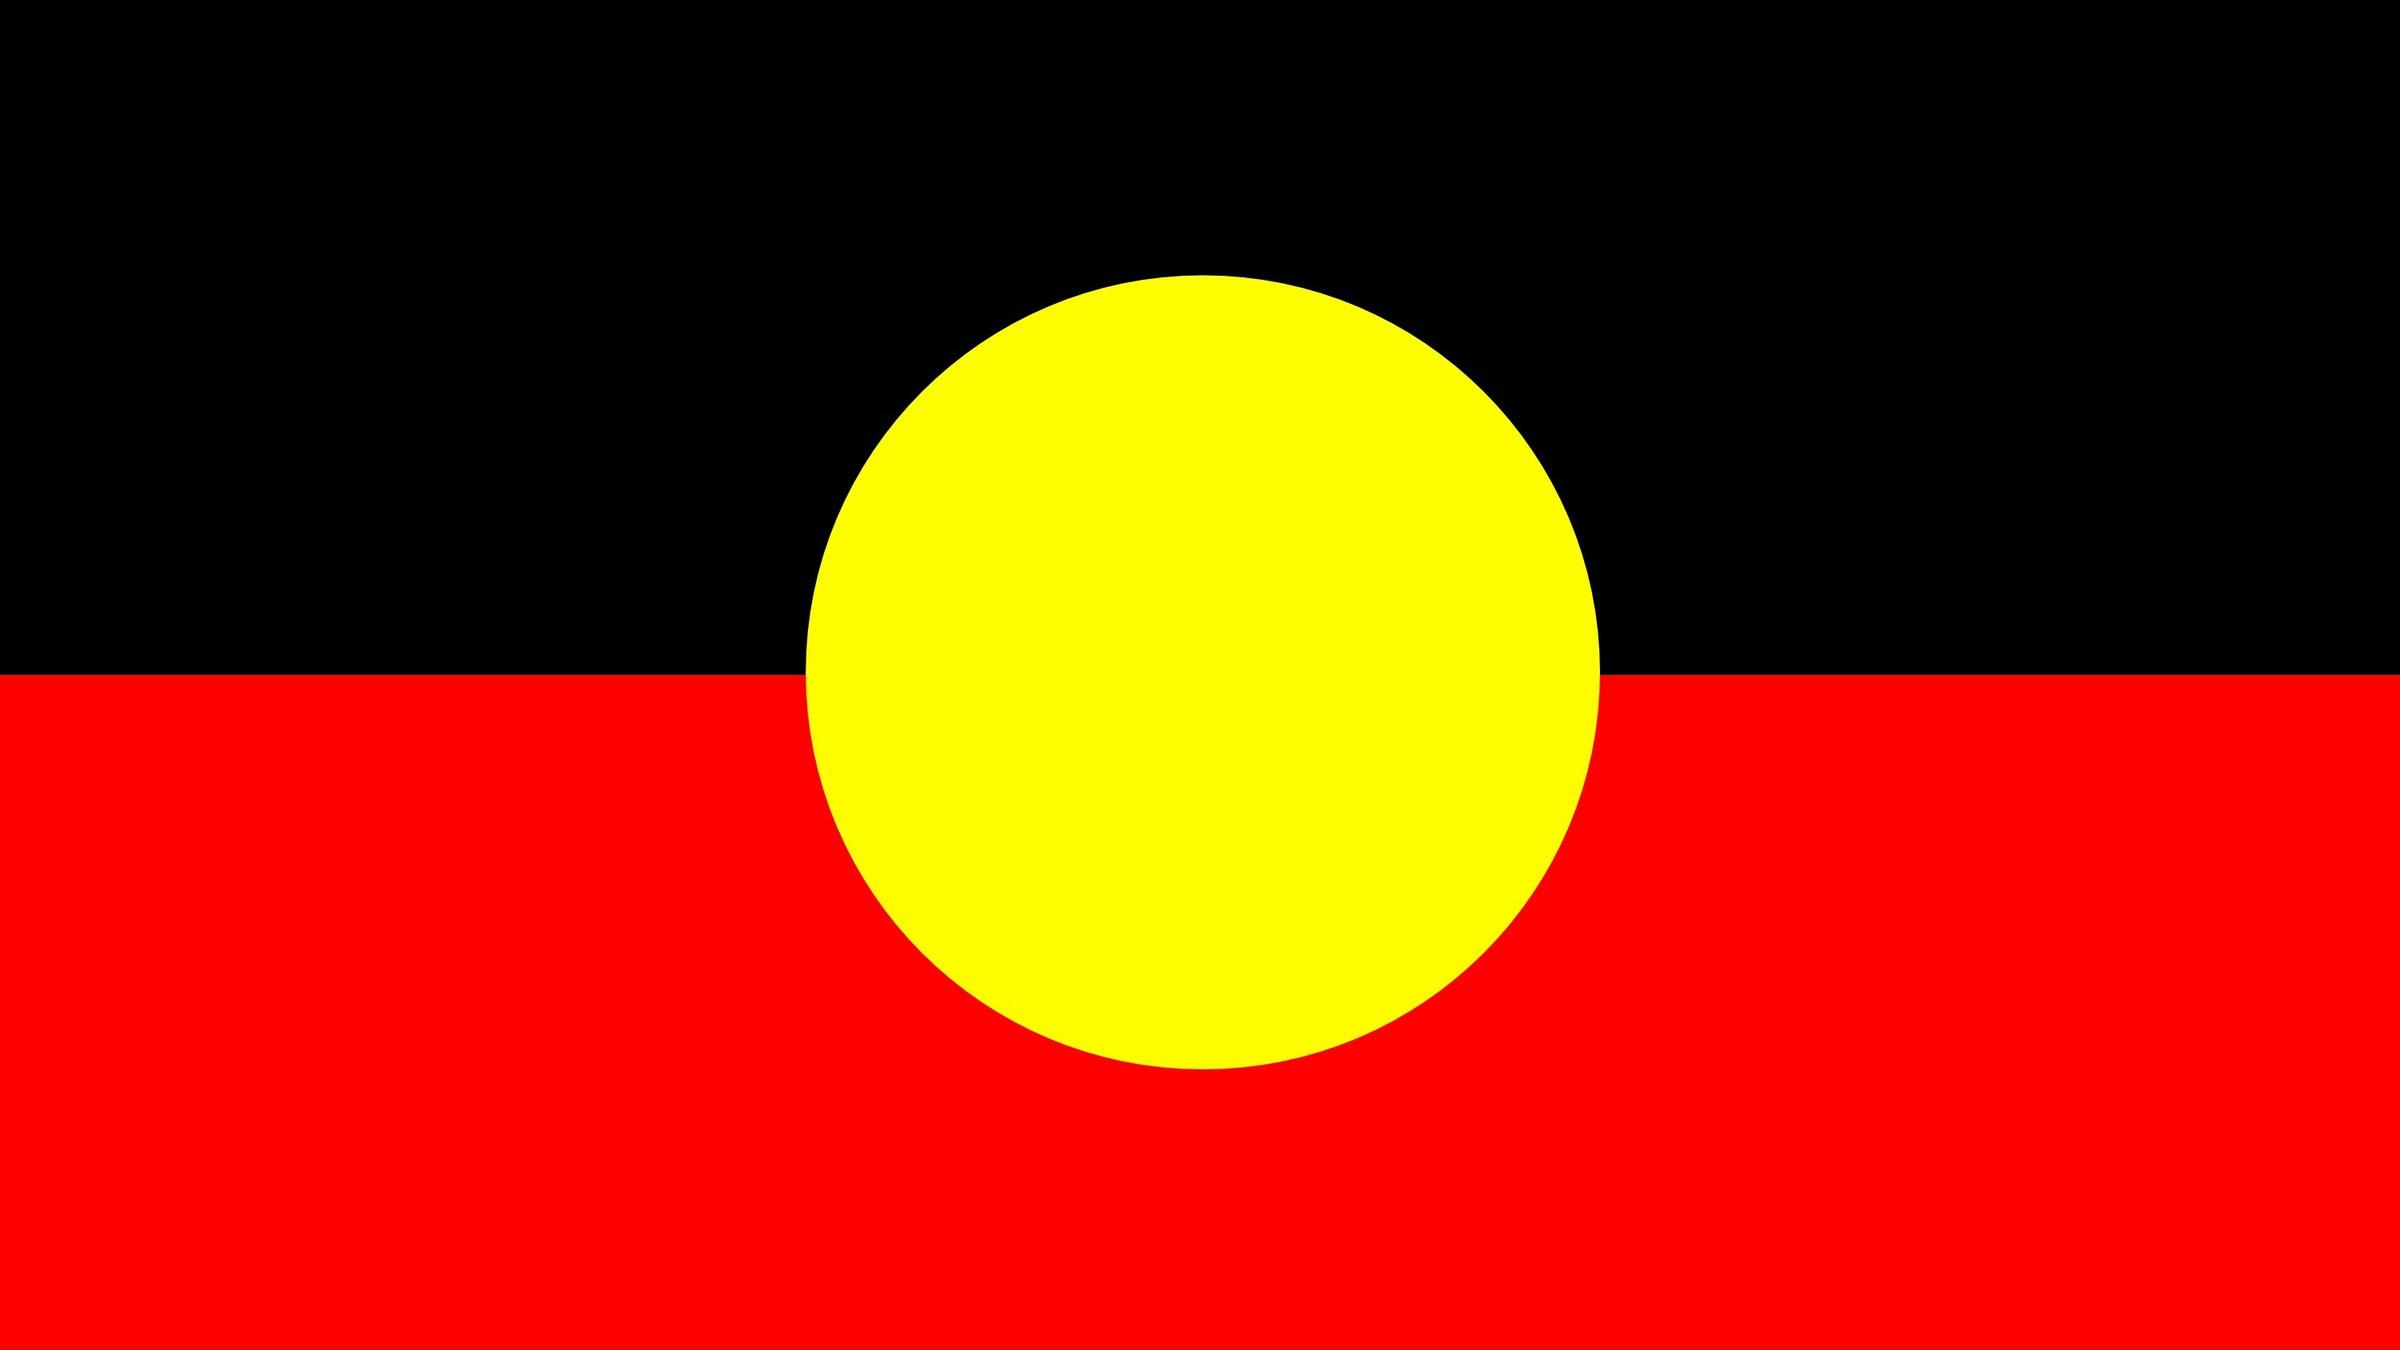 drapeau aborigne australien Papier peint AllWallpaper 2400x1350